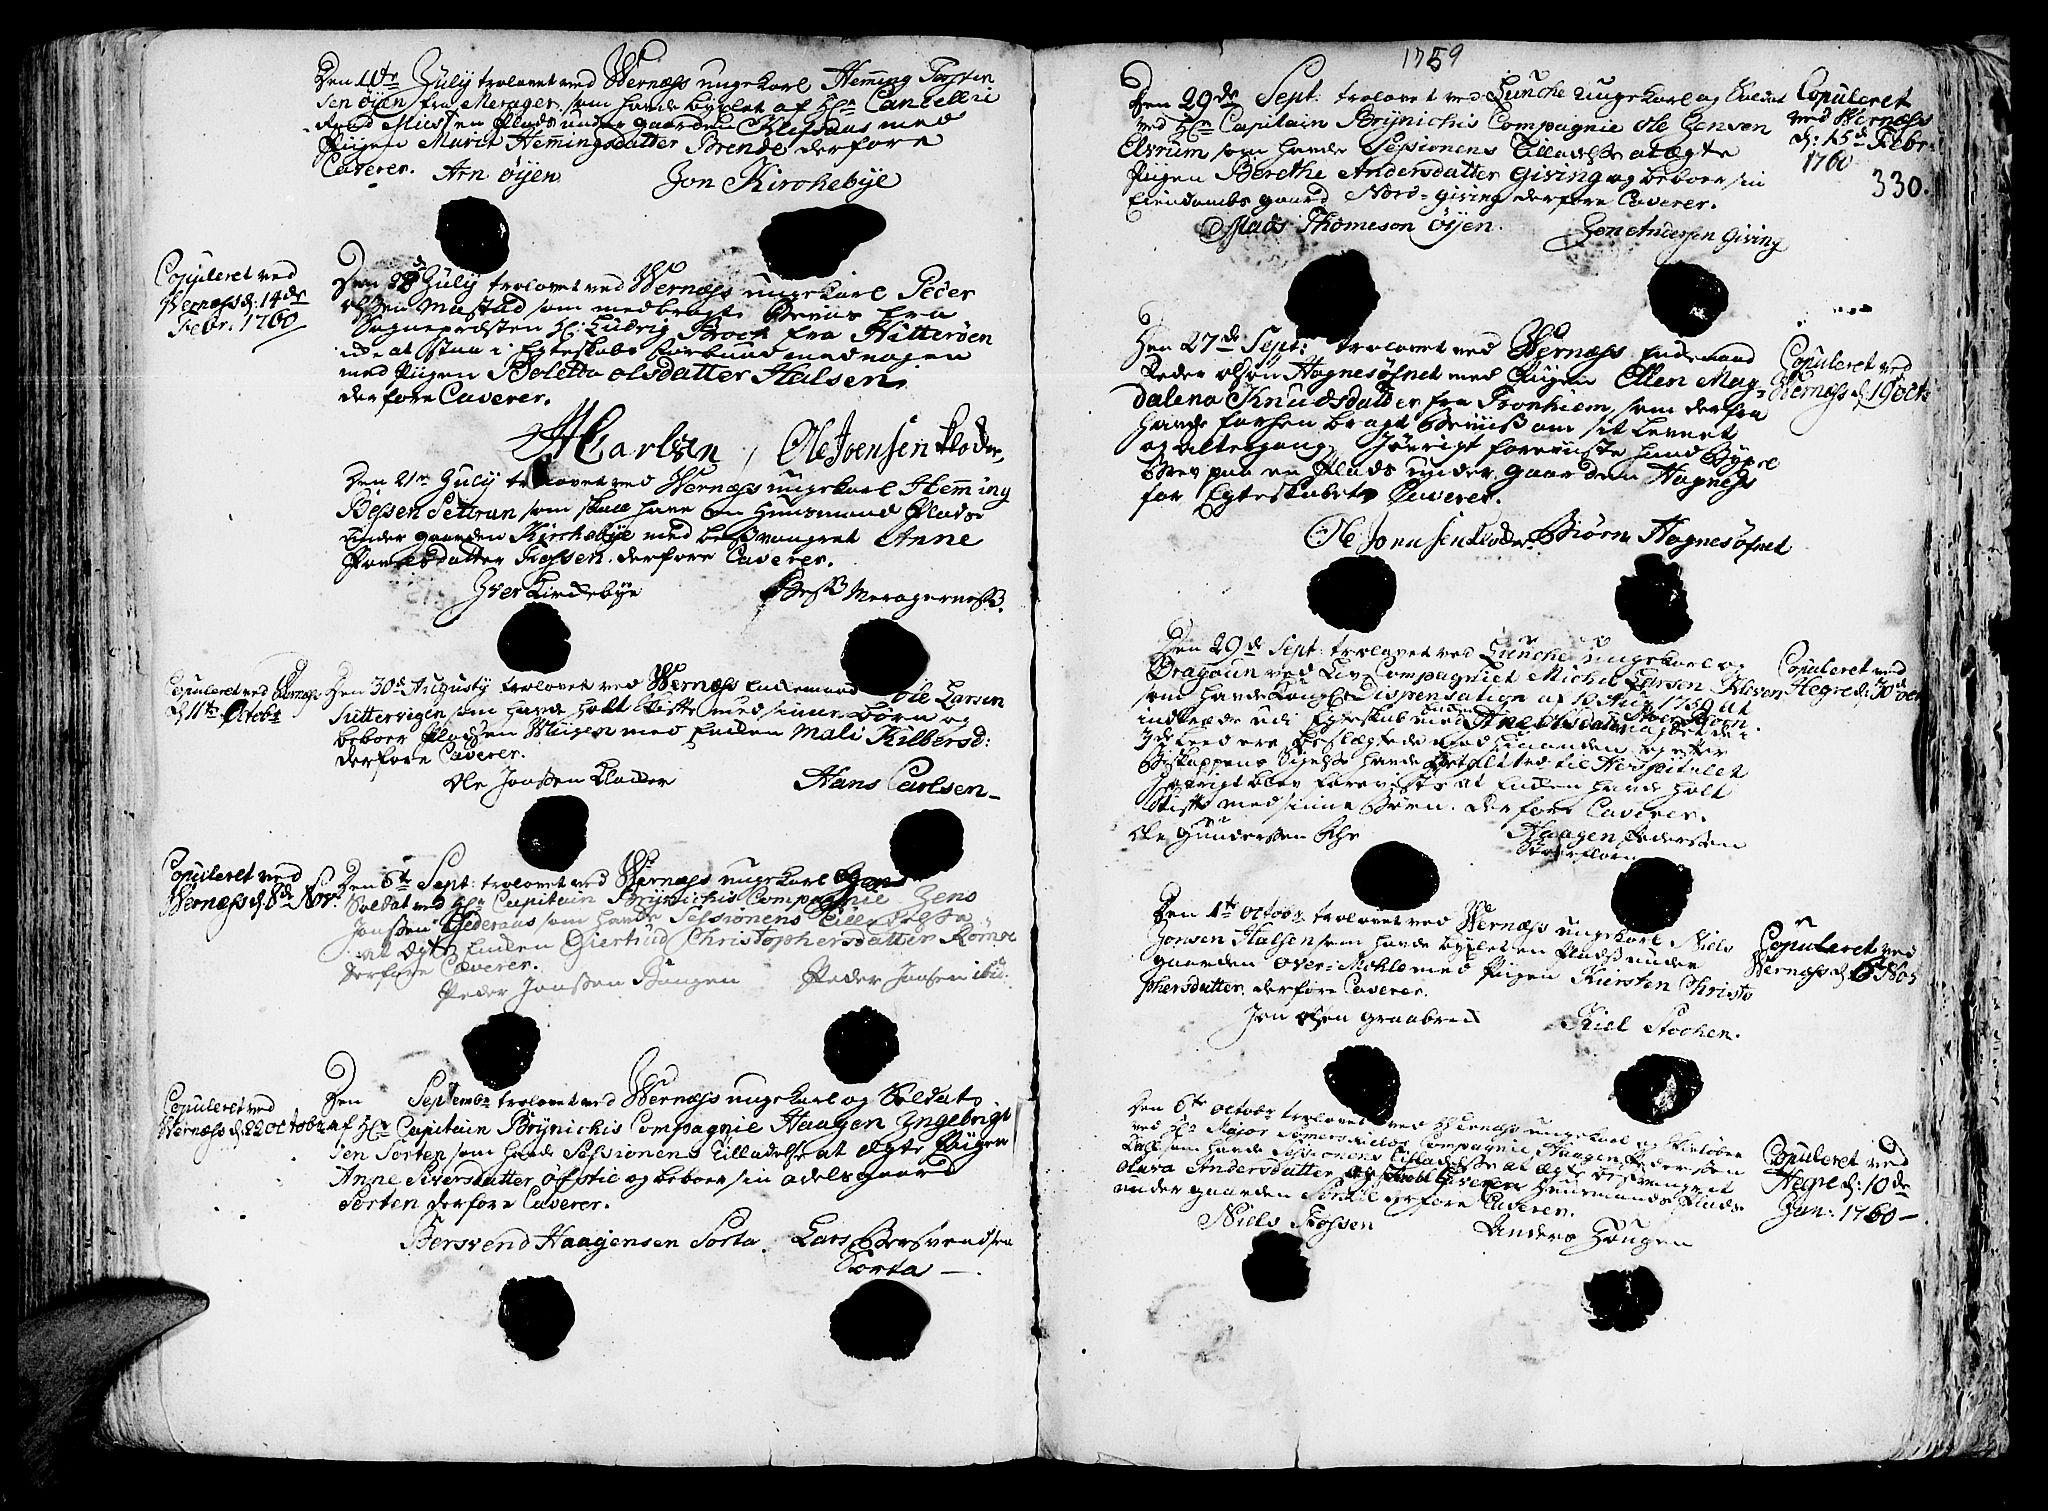 SAT, Ministerialprotokoller, klokkerbøker og fødselsregistre - Nord-Trøndelag, 709/L0057: Ministerialbok nr. 709A05, 1755-1780, s. 330